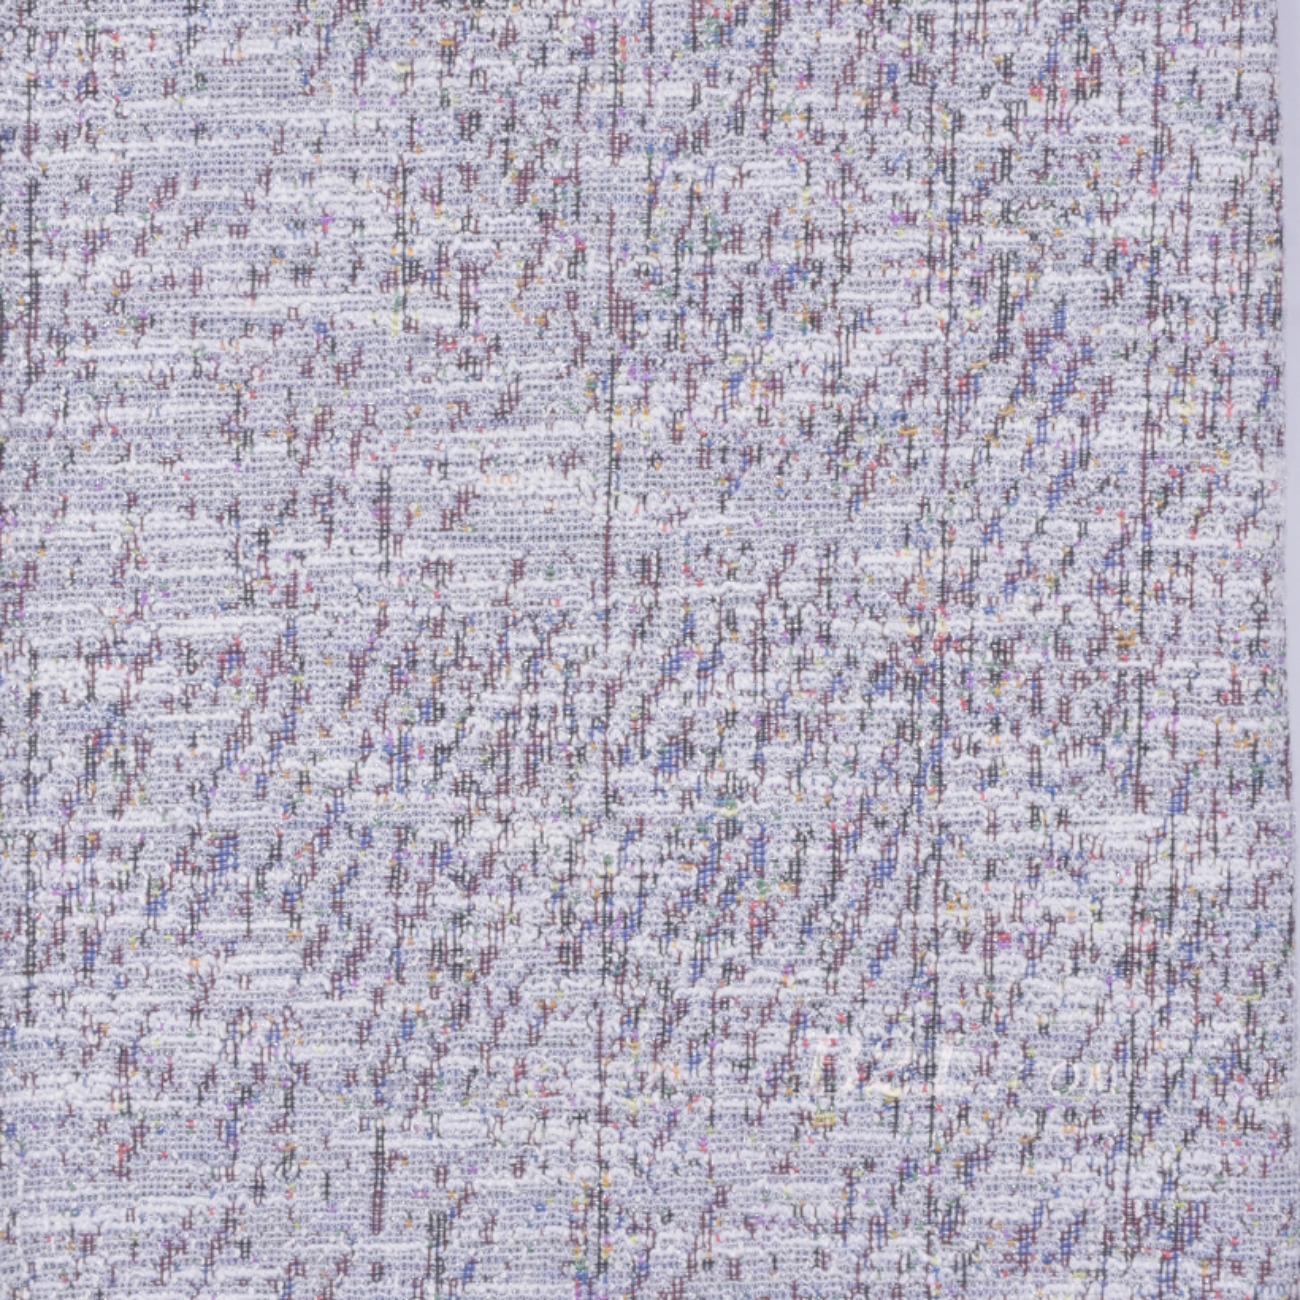 毛纺 针织 染色 低弹 小香风 香奈儿风 秋冬 大衣 时装 女装  90729-10